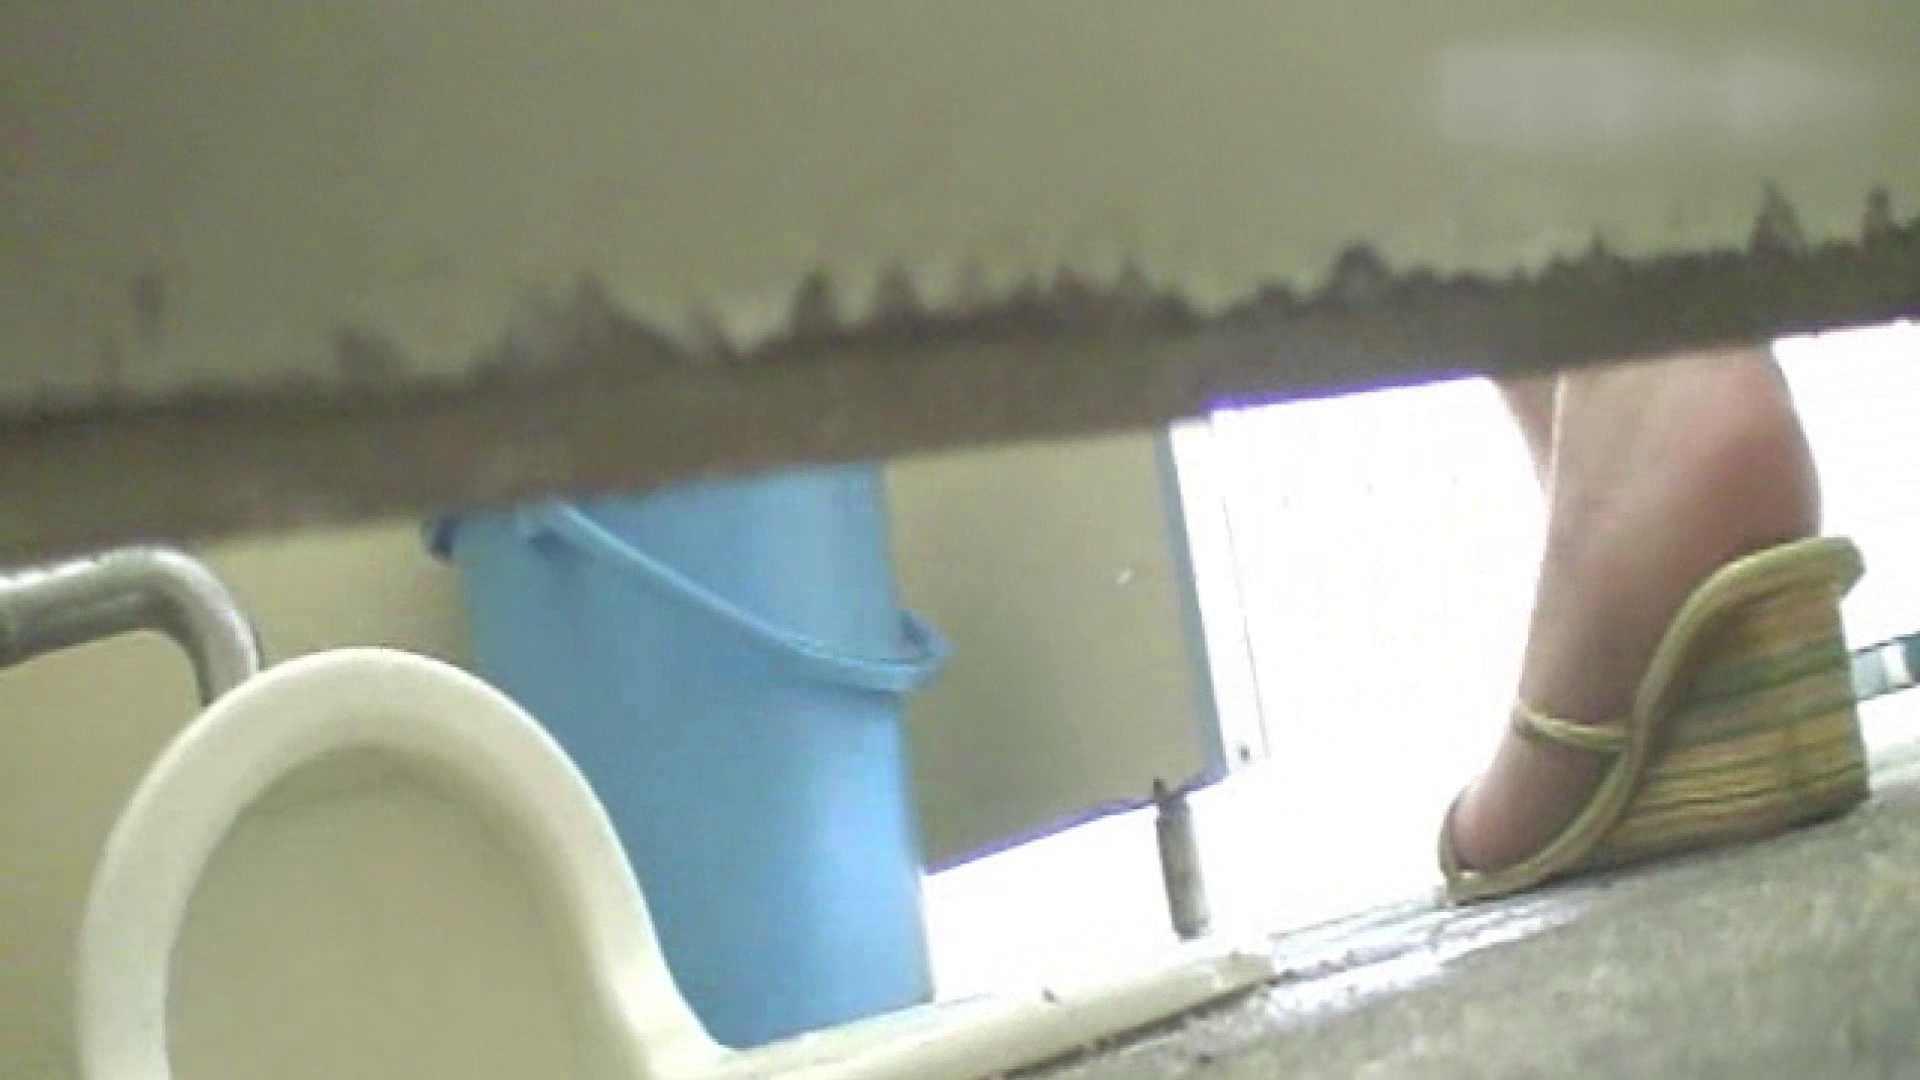 ロックハンドさんの盗撮記録File.07 モロだしオマンコ のぞき動画画像 77pic 21